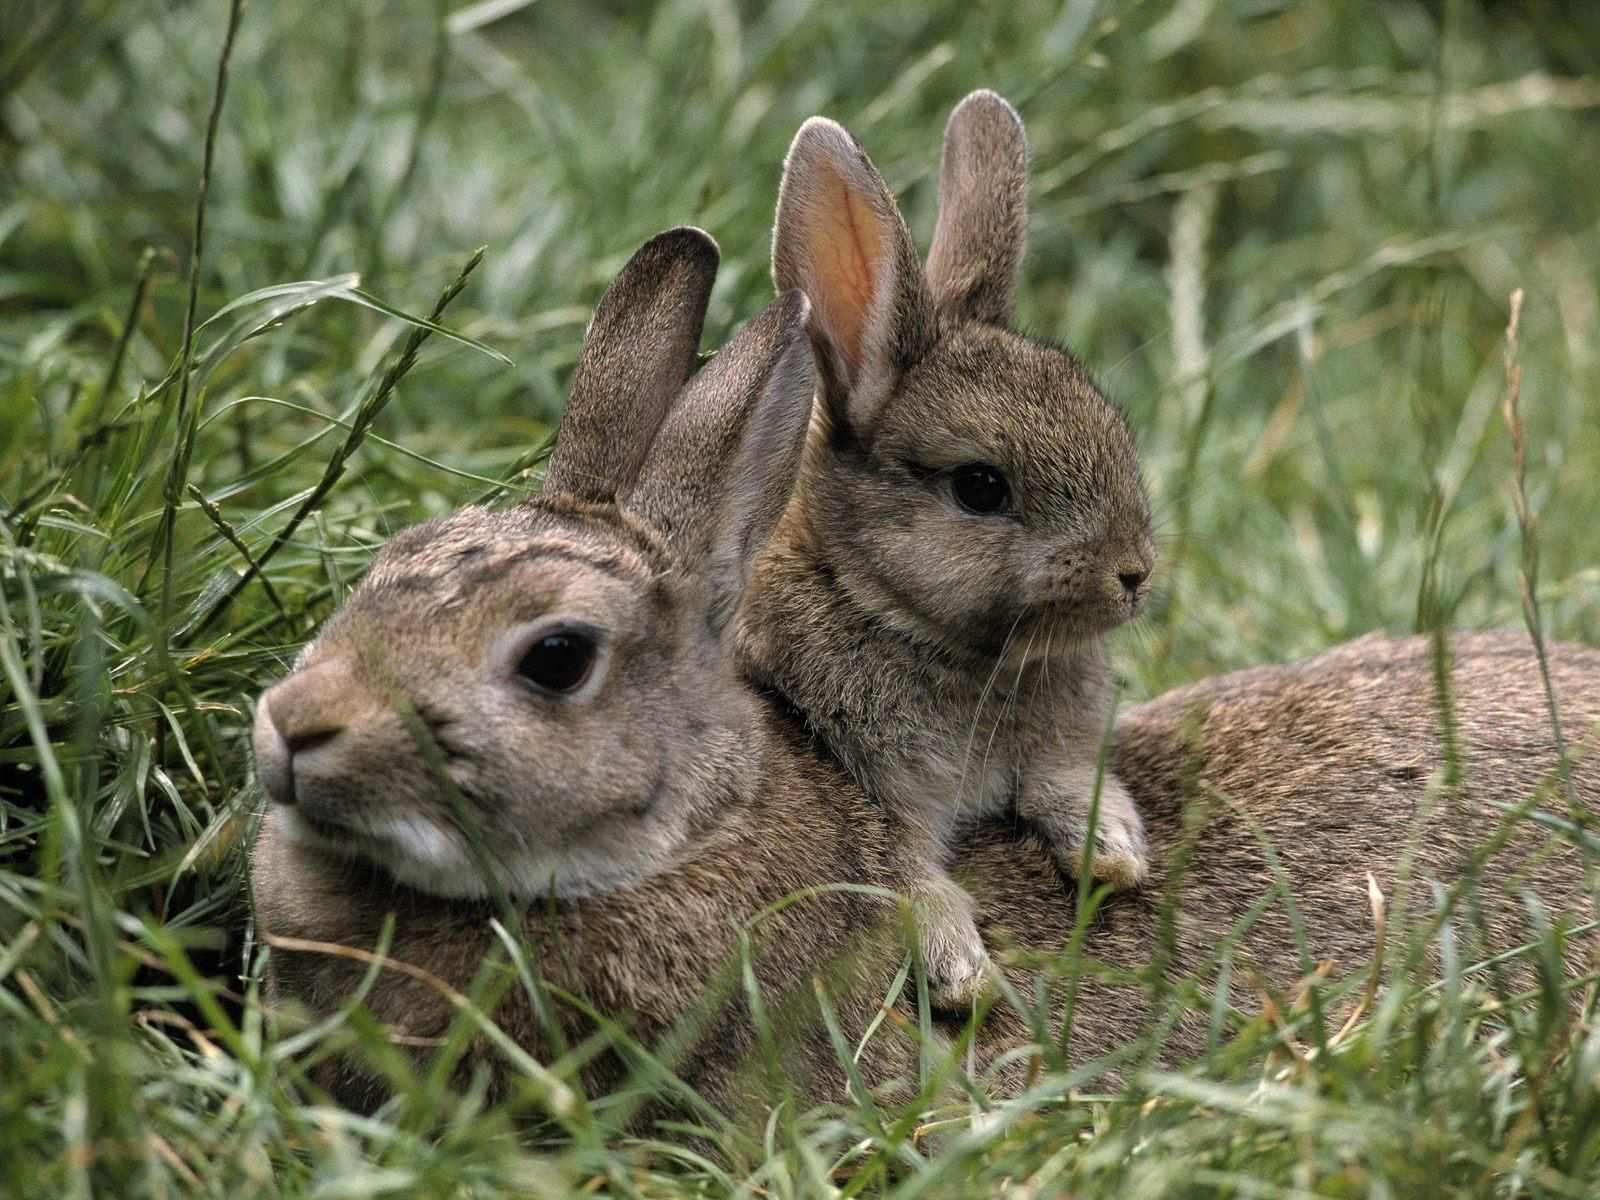 Animales que nacen de la madre - Imagui